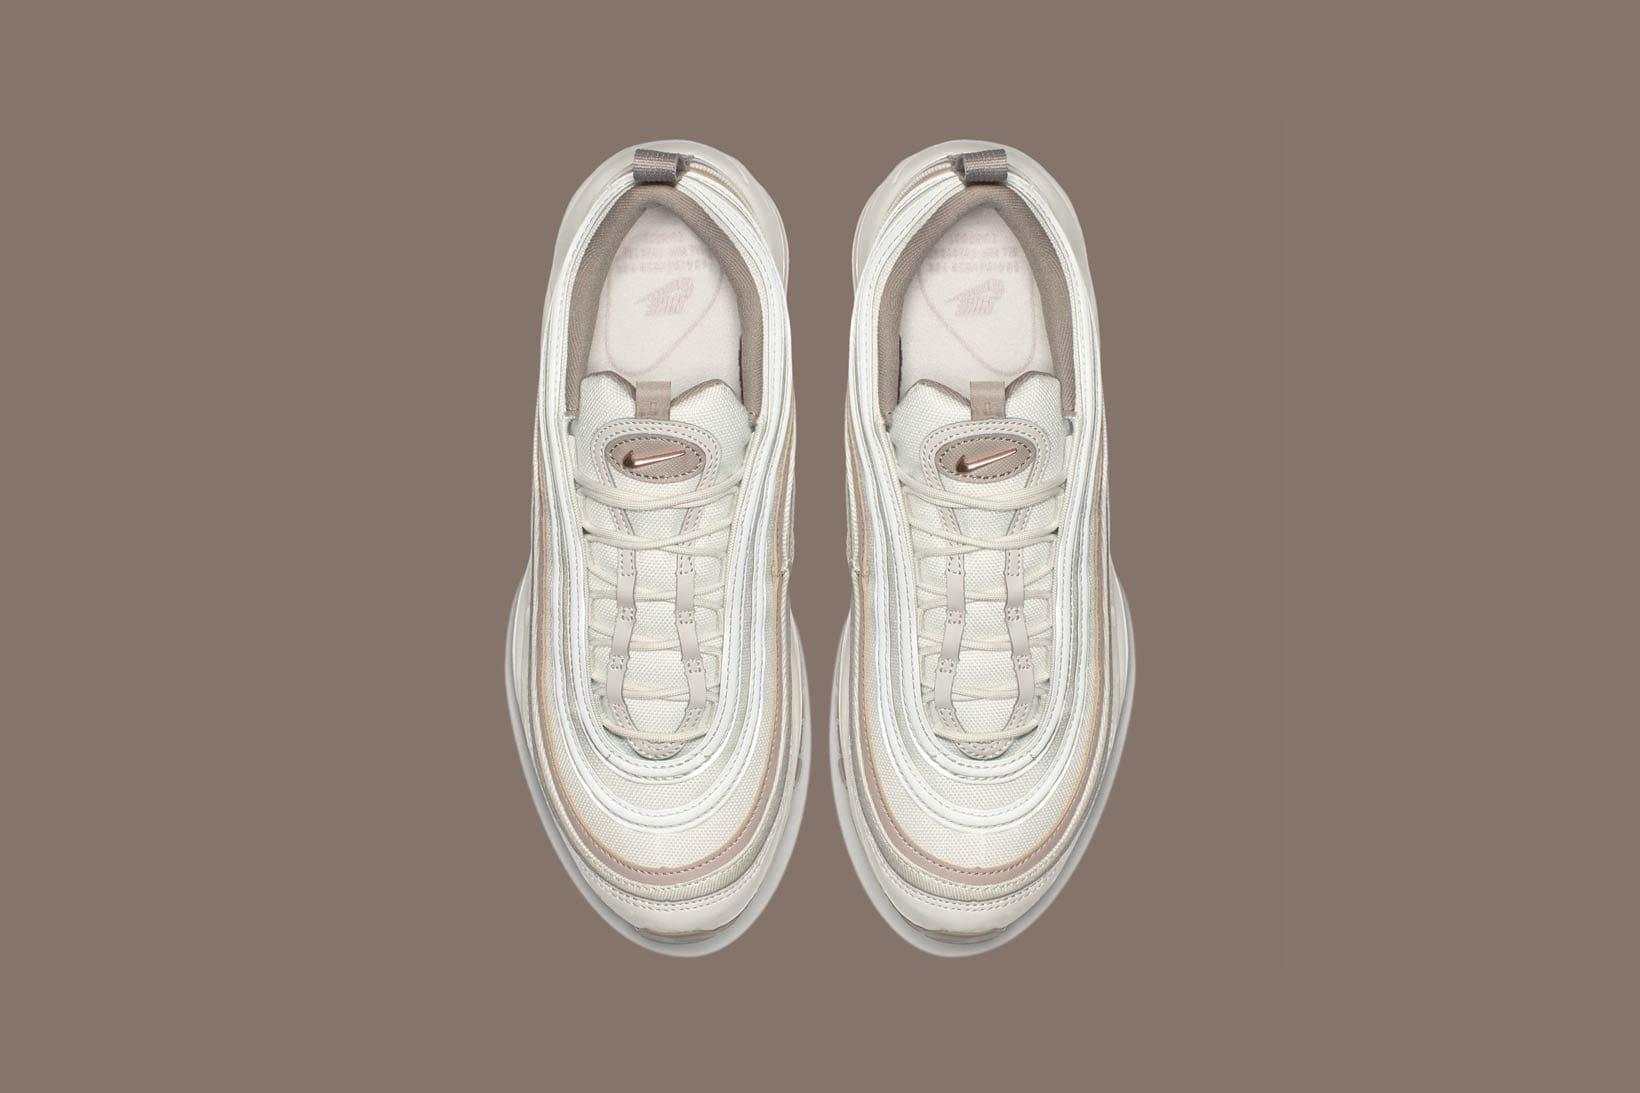 Nike's Air Max 97 Premium in Rose Gold